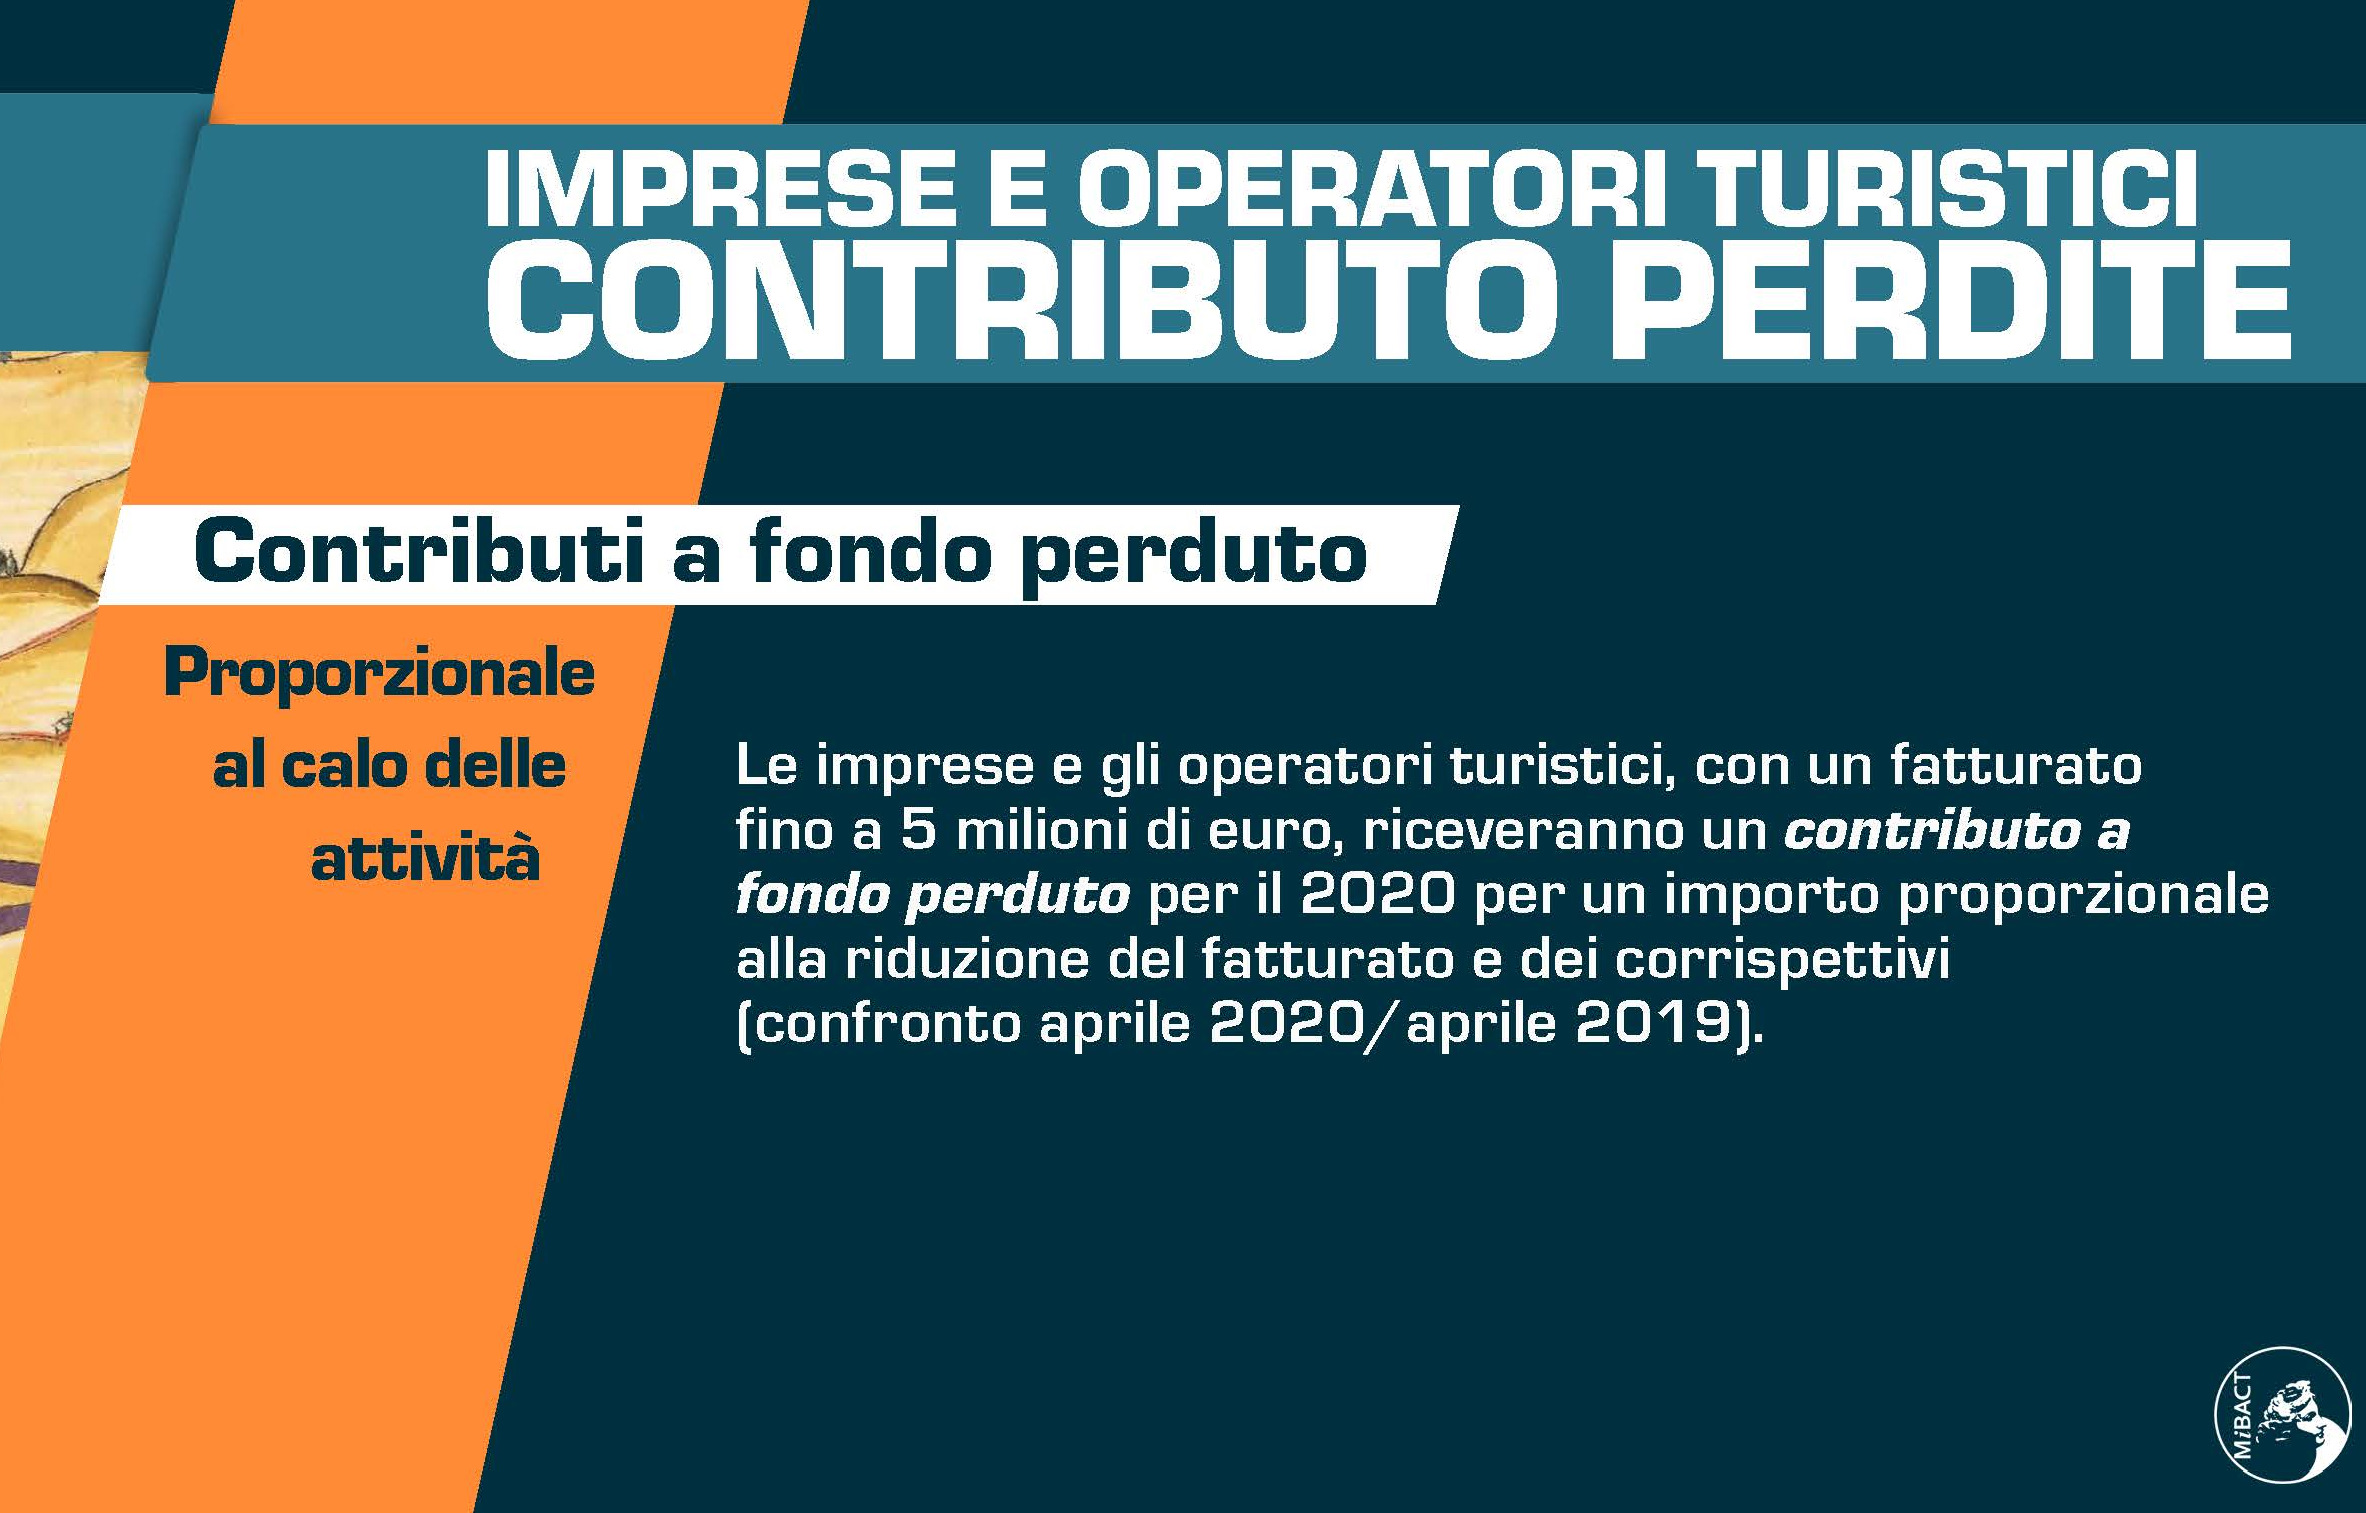 Decreto Rilancio: ecco le misure di sostegno per turismo & trasporti, bonus vacanze per i turisti. Decreto scaricabile